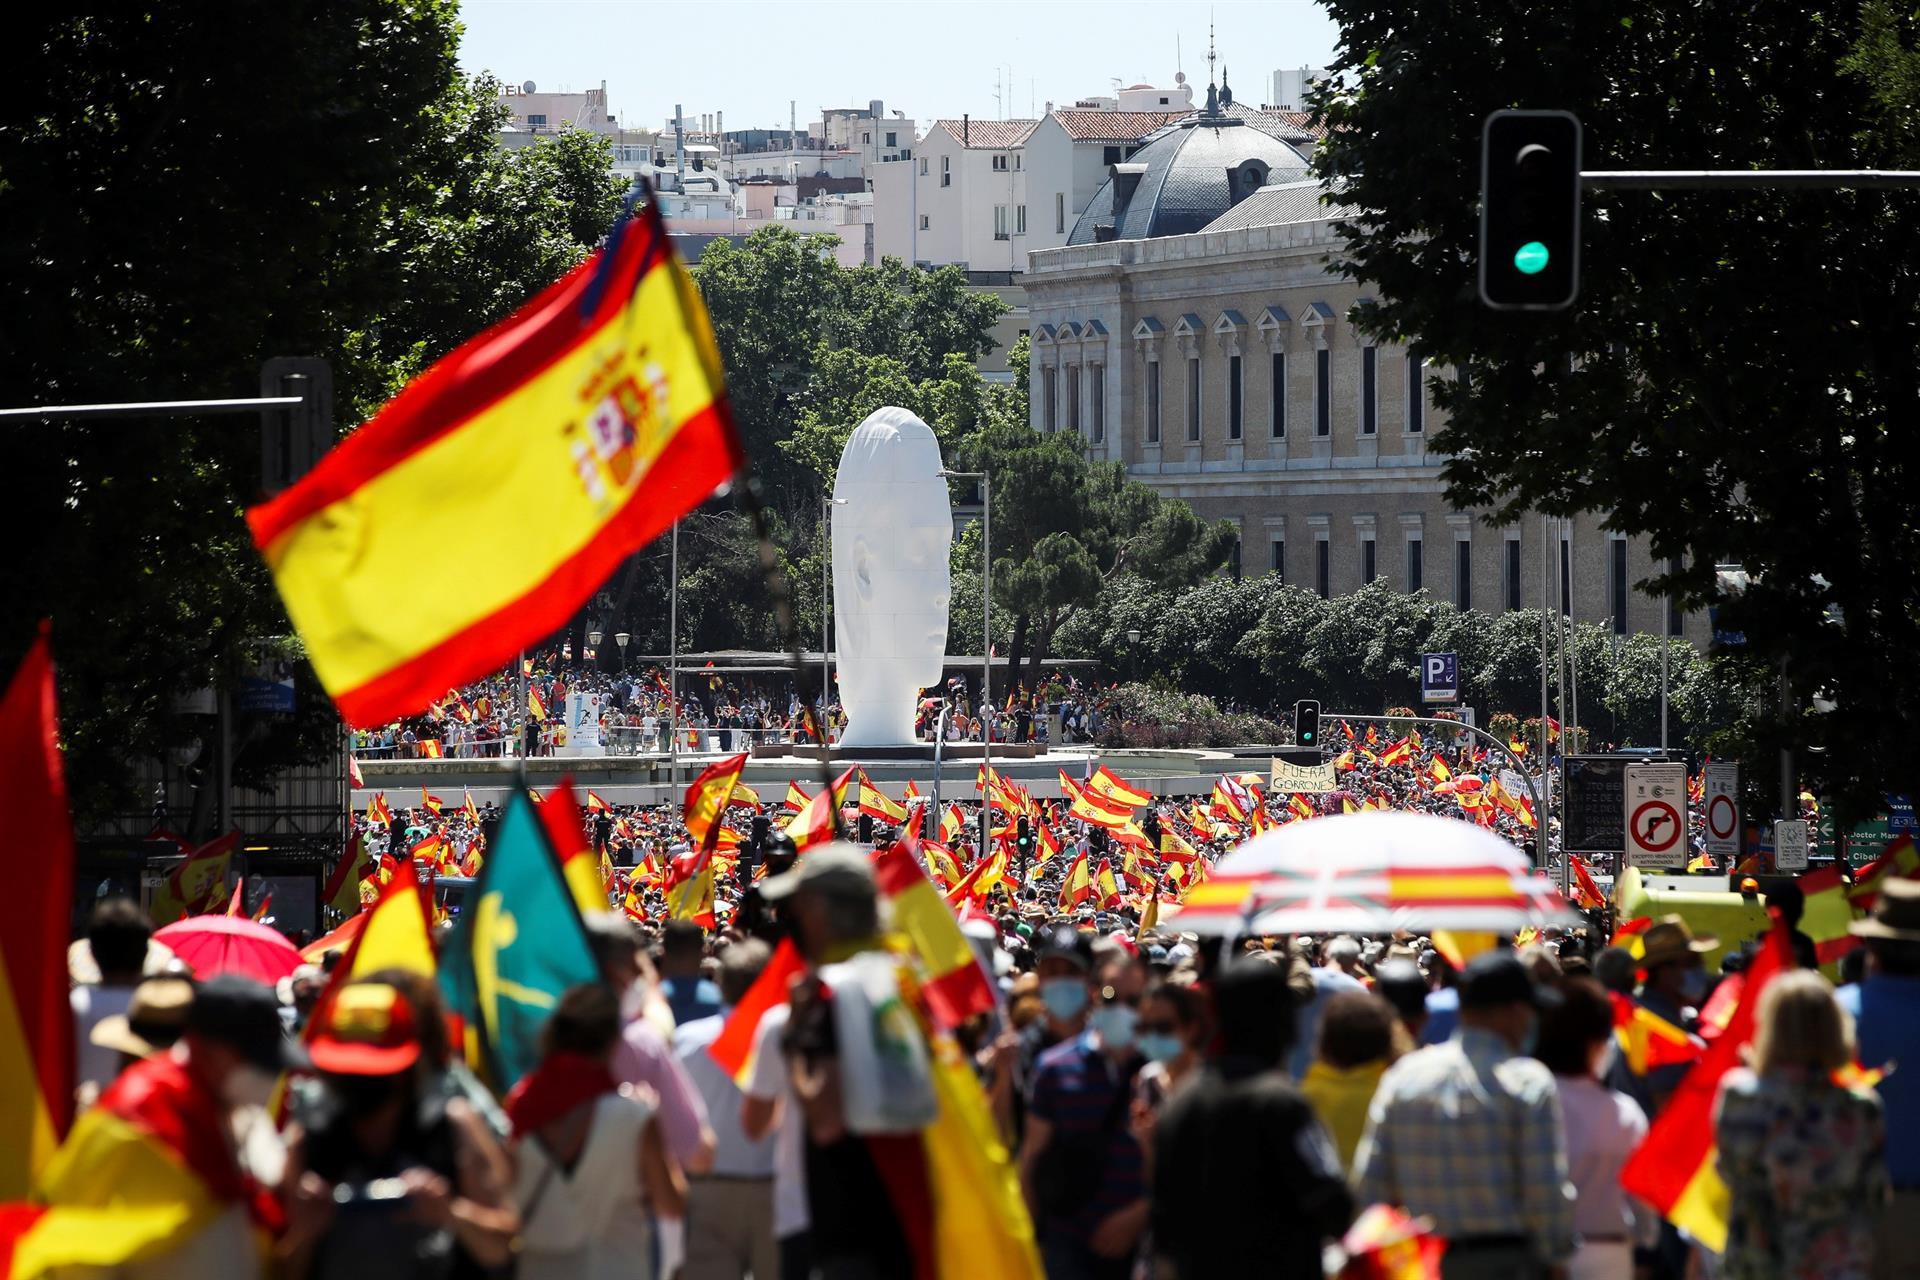 La protesta de Colón contra los indultos eclipsa la presencia de los líderes de la derecha, que evitaron aparecer juntos